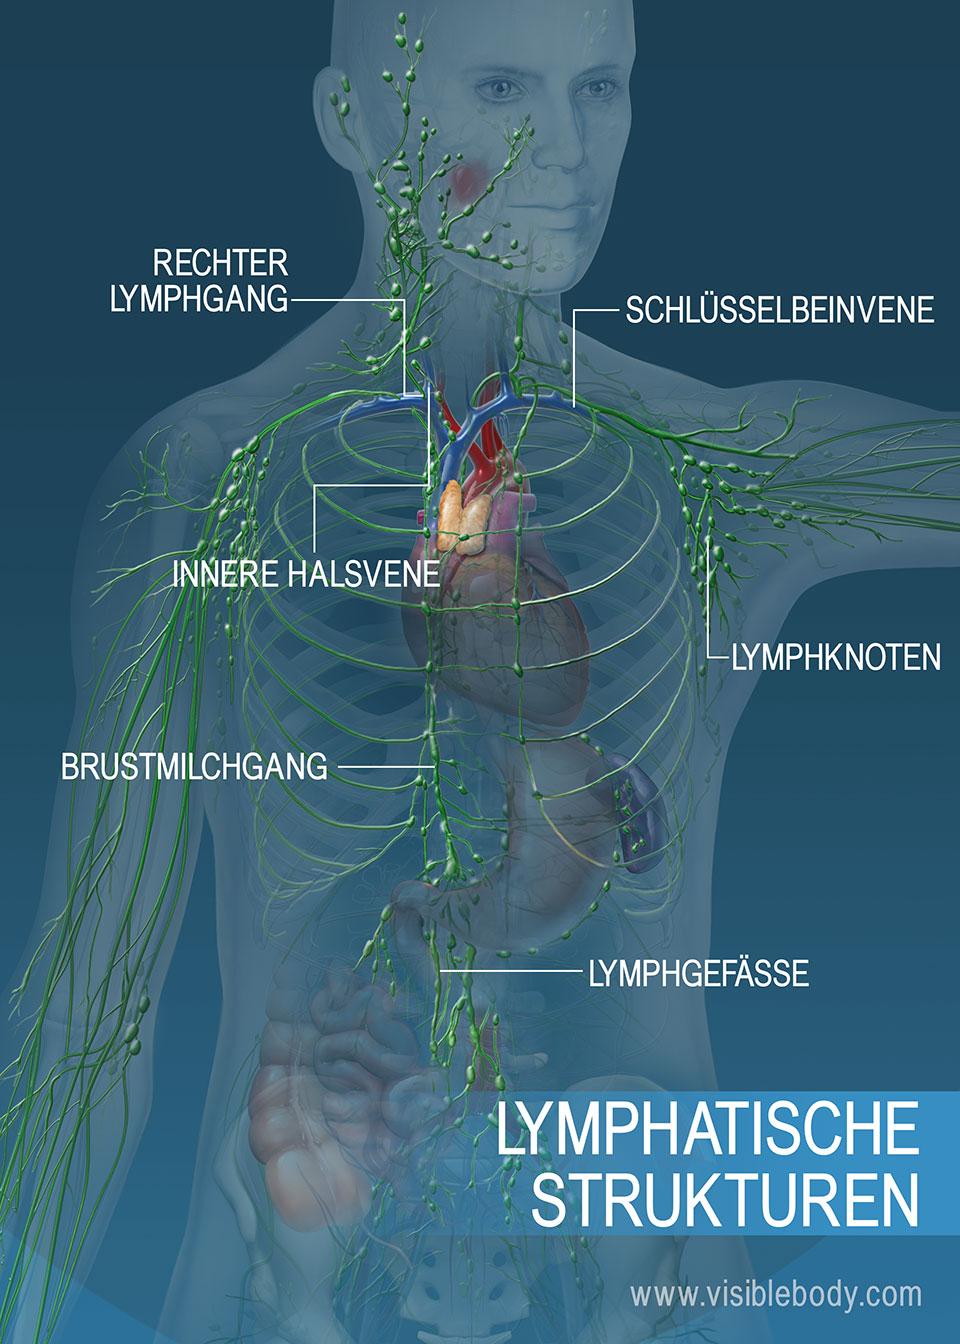 Das lymphatische Gefäßnetz im Rumpf- und Armbereich. Zu den Hauptstrukturen zählen: Brustmilchgang, rechter Lymphgang und Lymphgefäße.